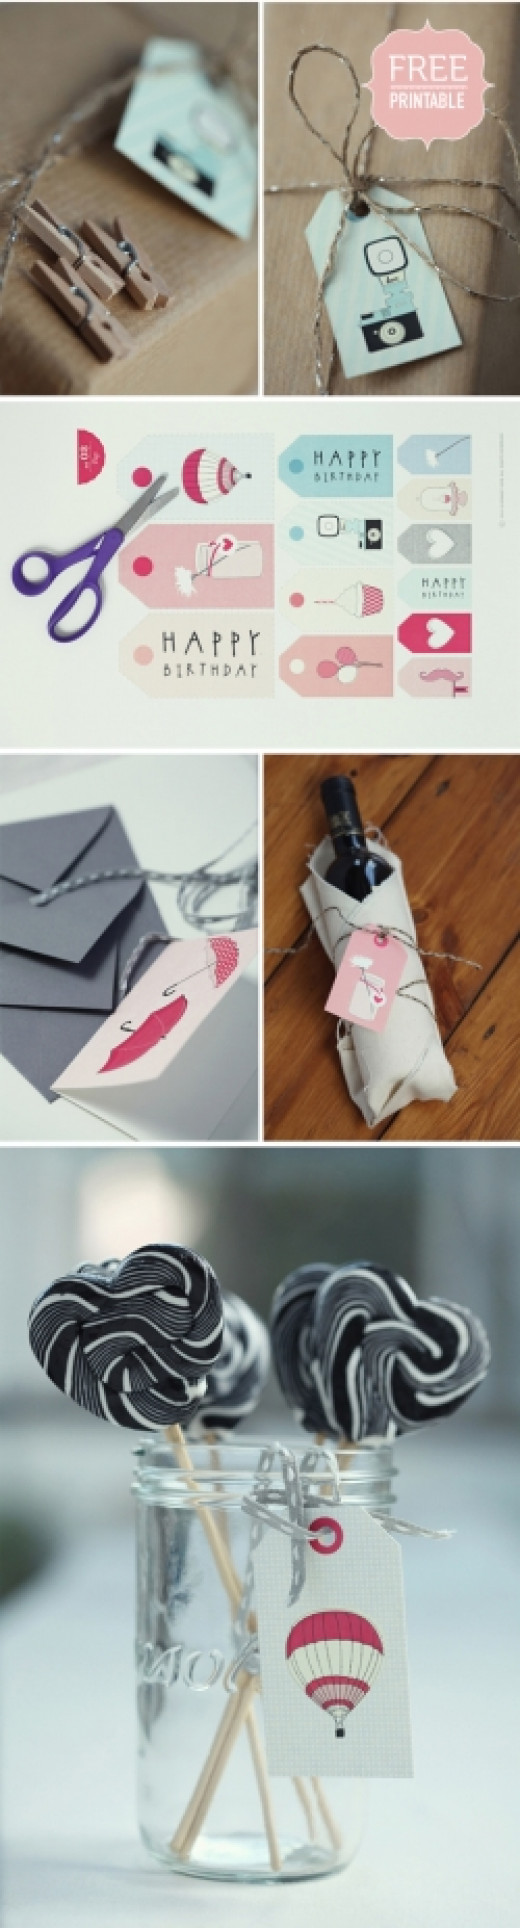 printable birthday gift tags